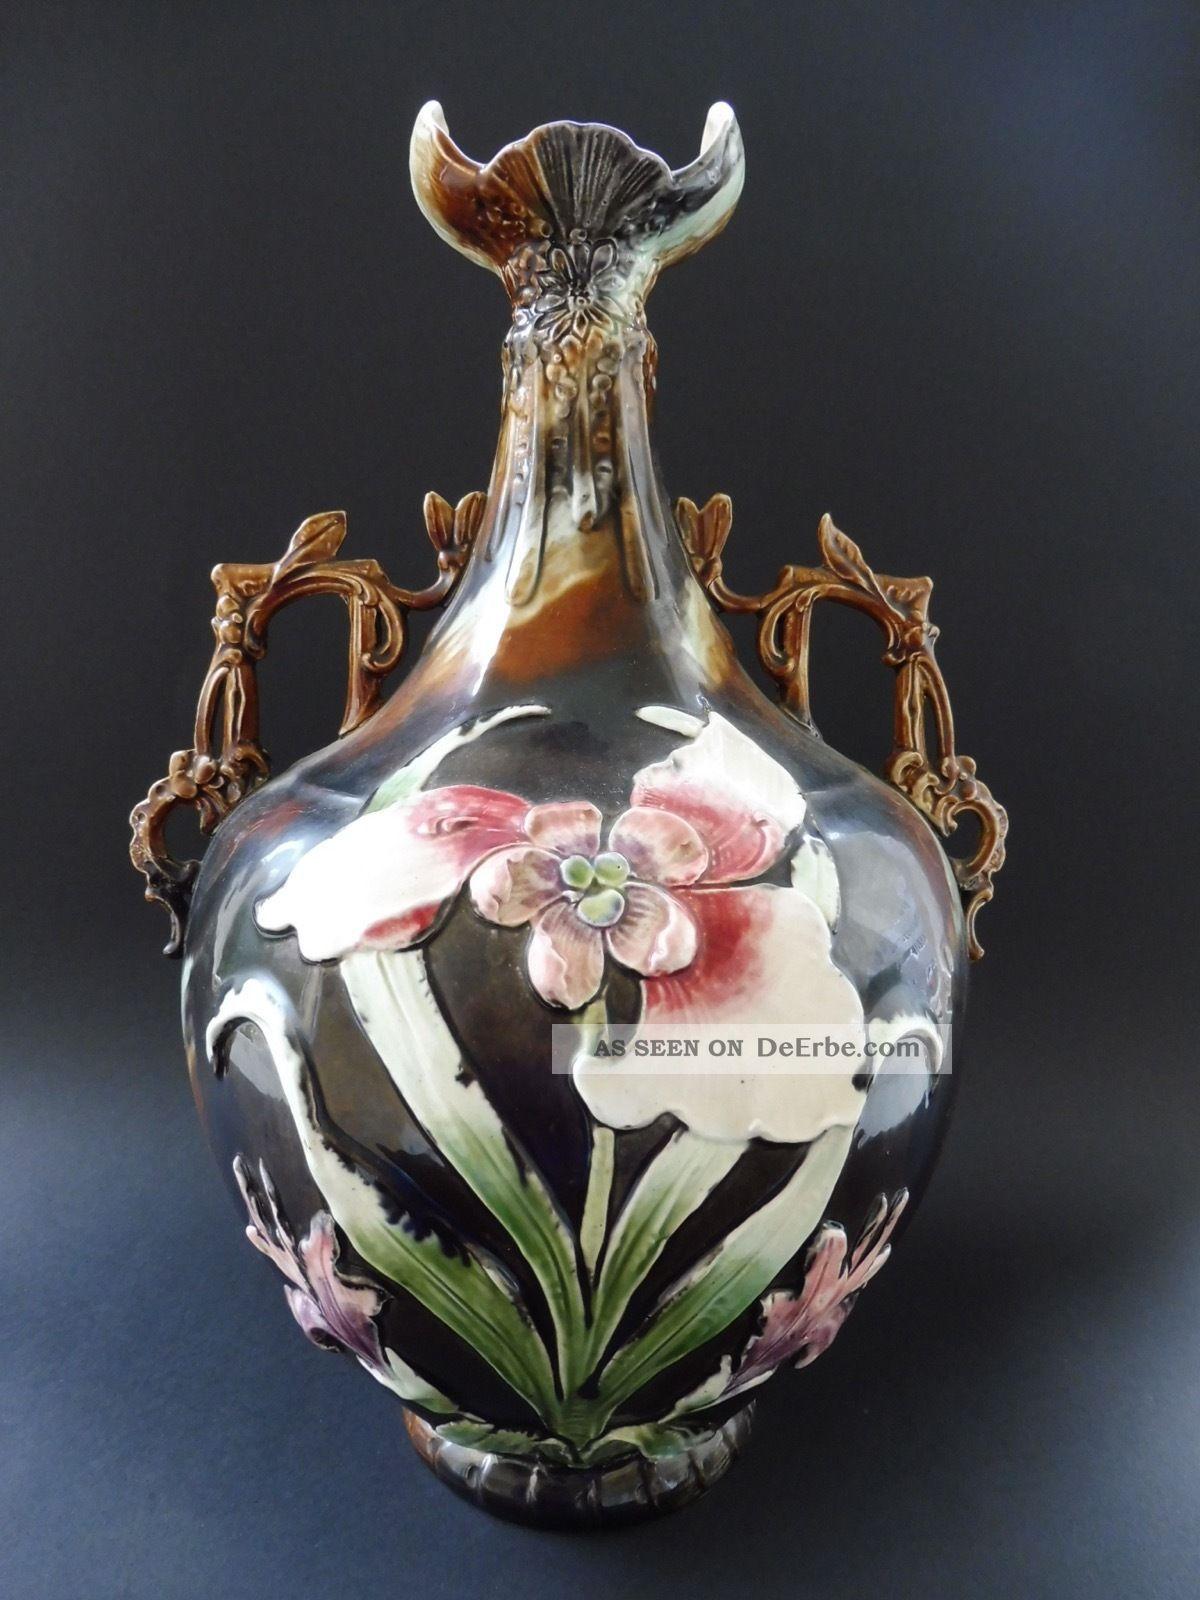 Große Majolika Jugendstil Prunkvase Pomp Vase Art Nouveau Floral Iris Flower I. 1890-1919, Jugendstil Bild